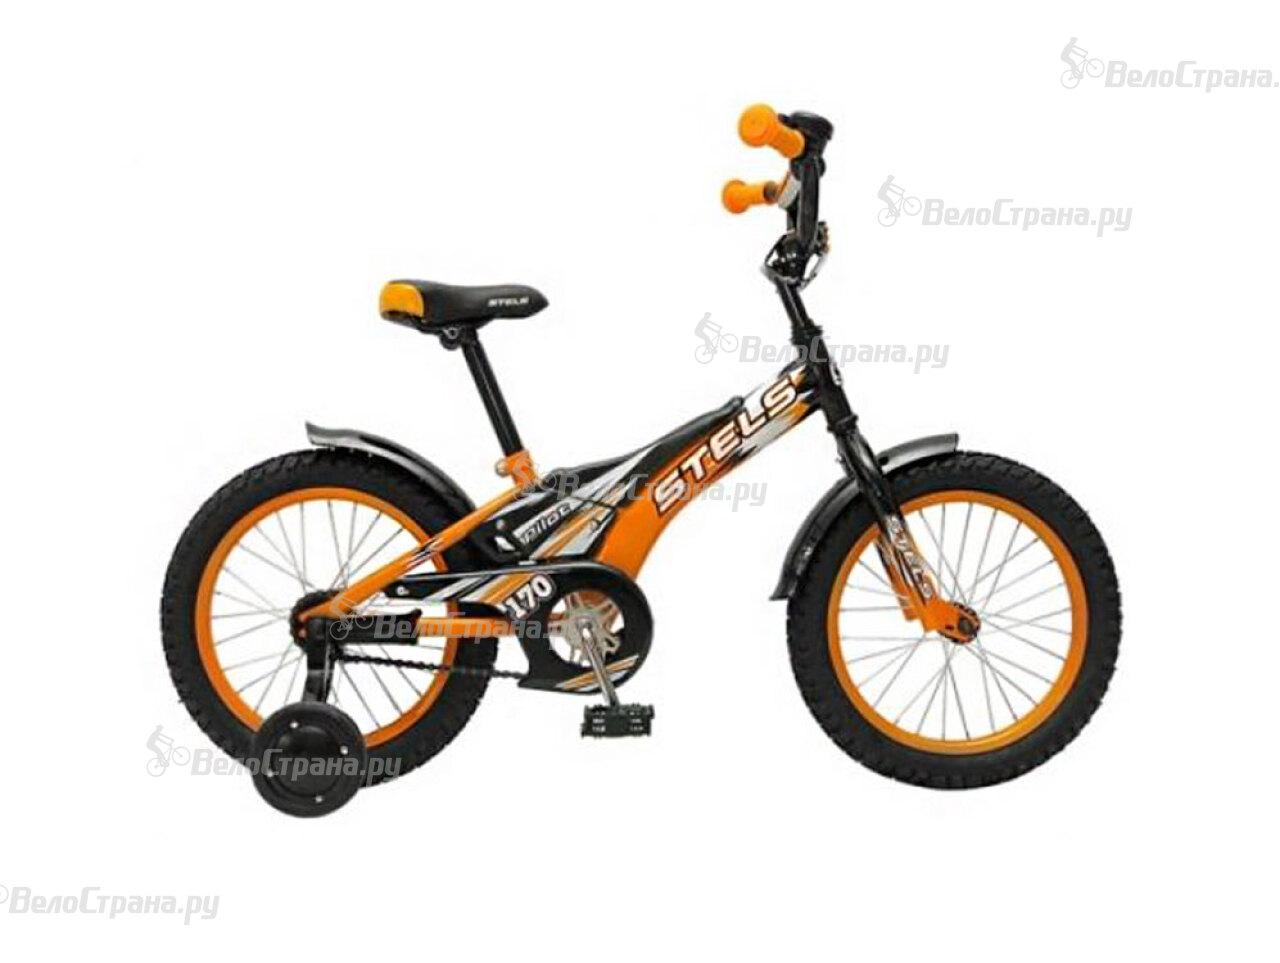 Велосипед Stels Pilot 170 18 (2013)